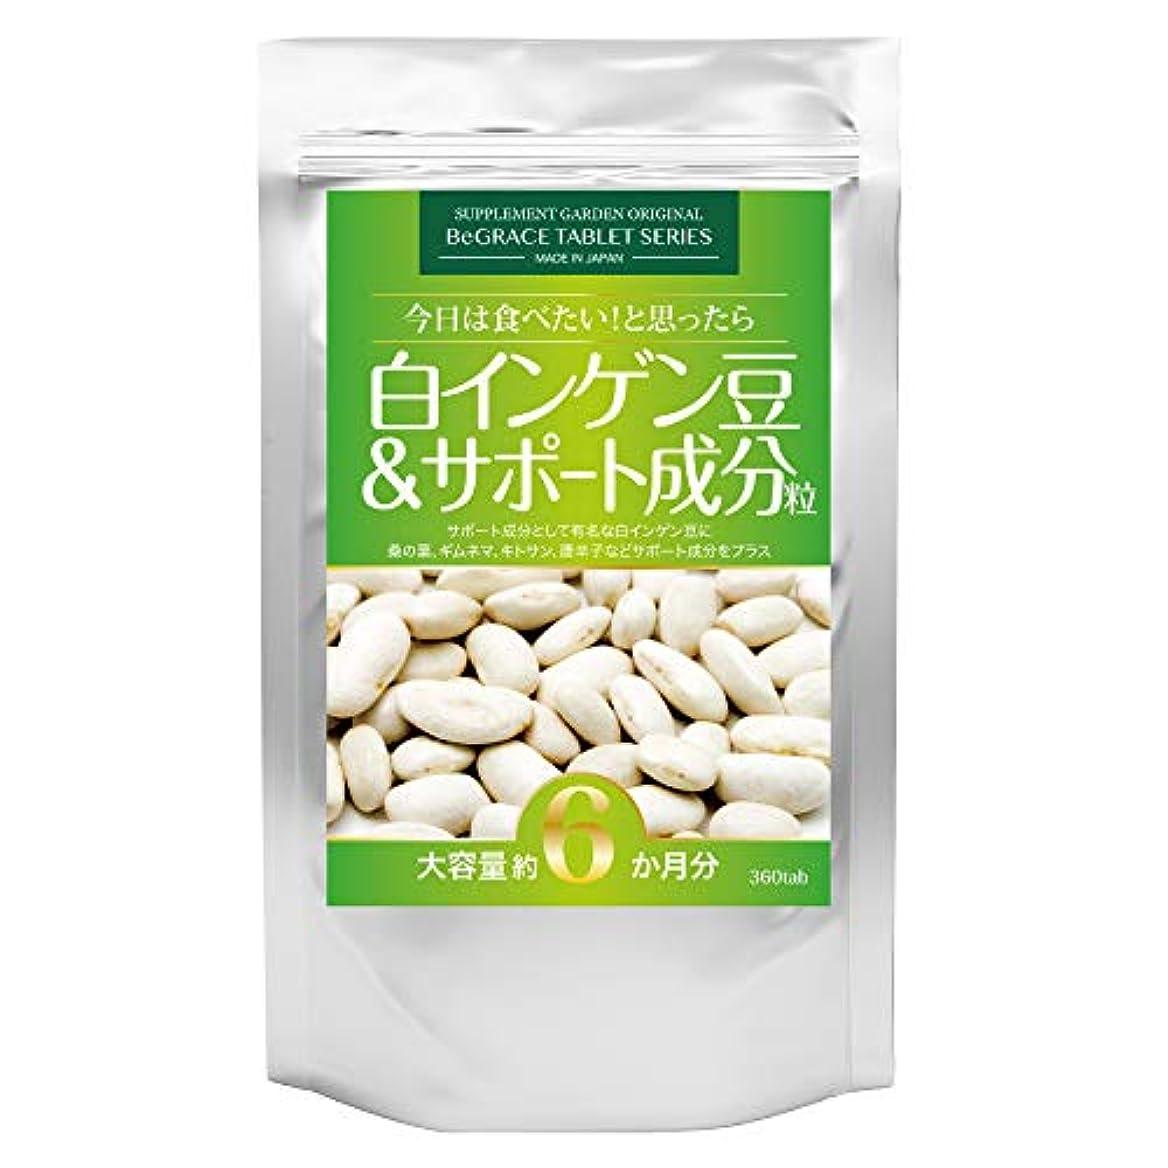 討論飼料省略する白インゲン豆&サポート成分粒 大容量約6ヶ月分/360粒(白インゲン豆?桑の葉?ギムネマ?キトサン?唐辛子)